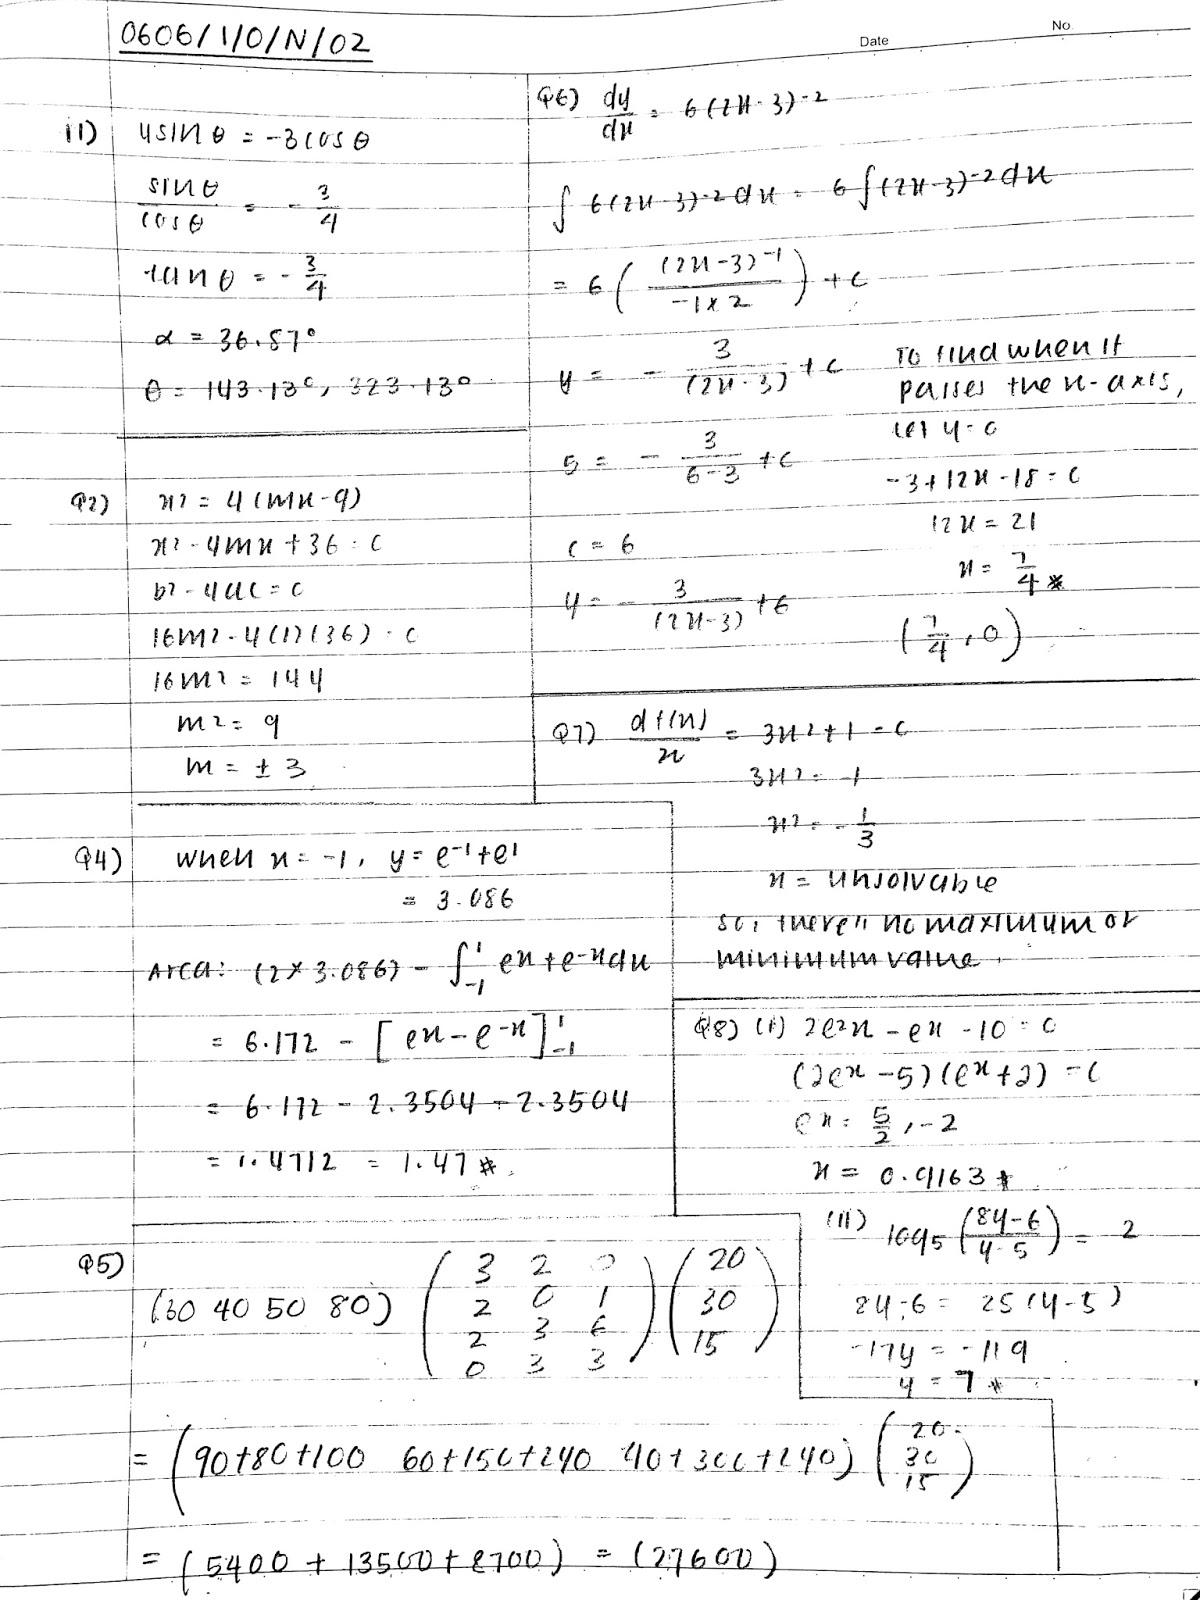 Maths Igcse Paper 2 November 1999 mark scheme